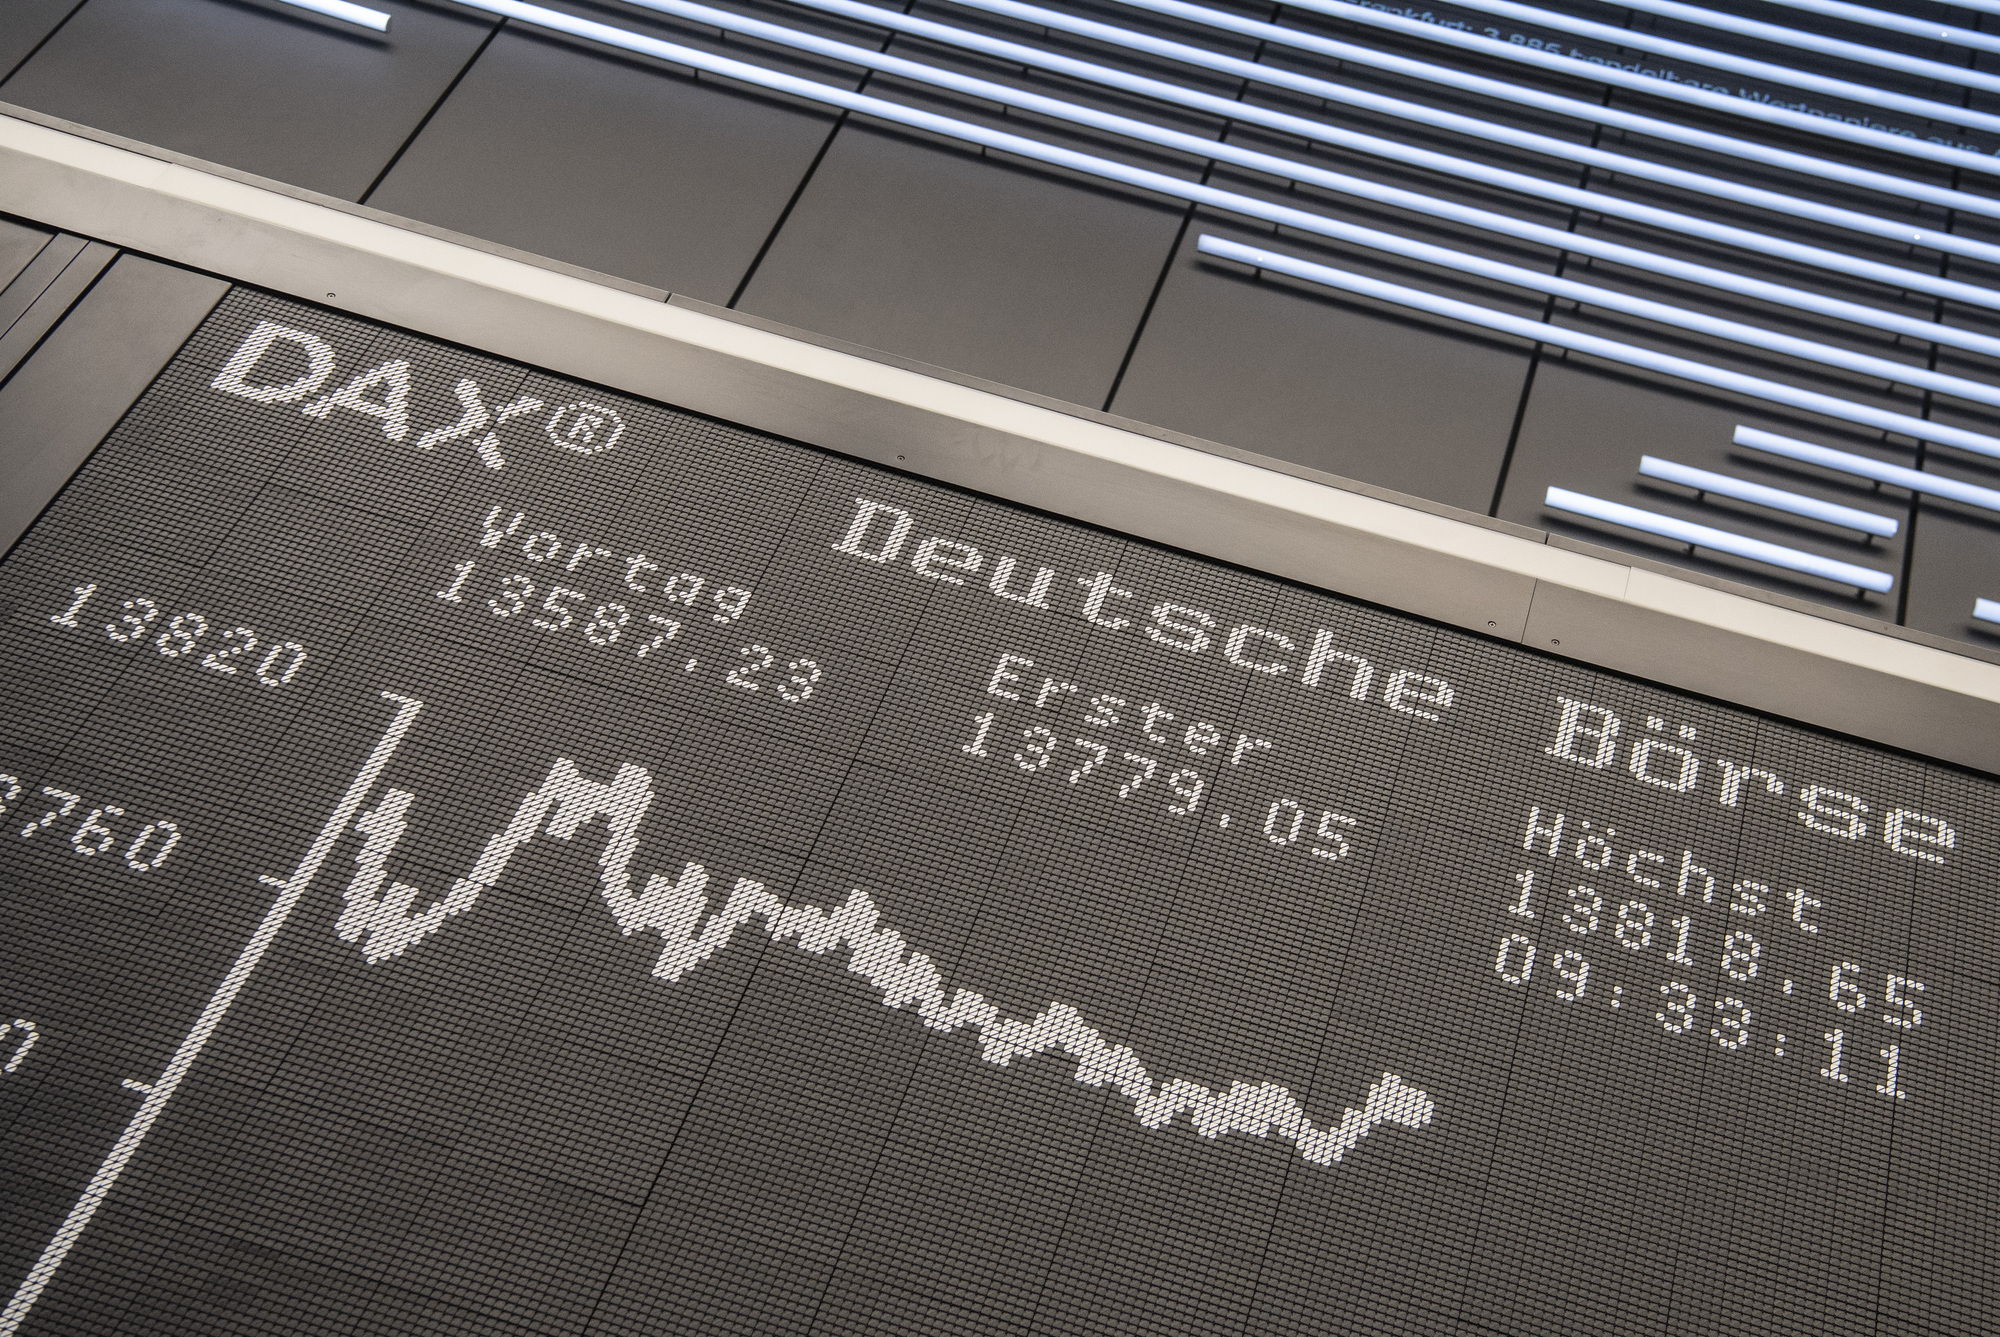 sollte man jetzt bayer aktien kaufen